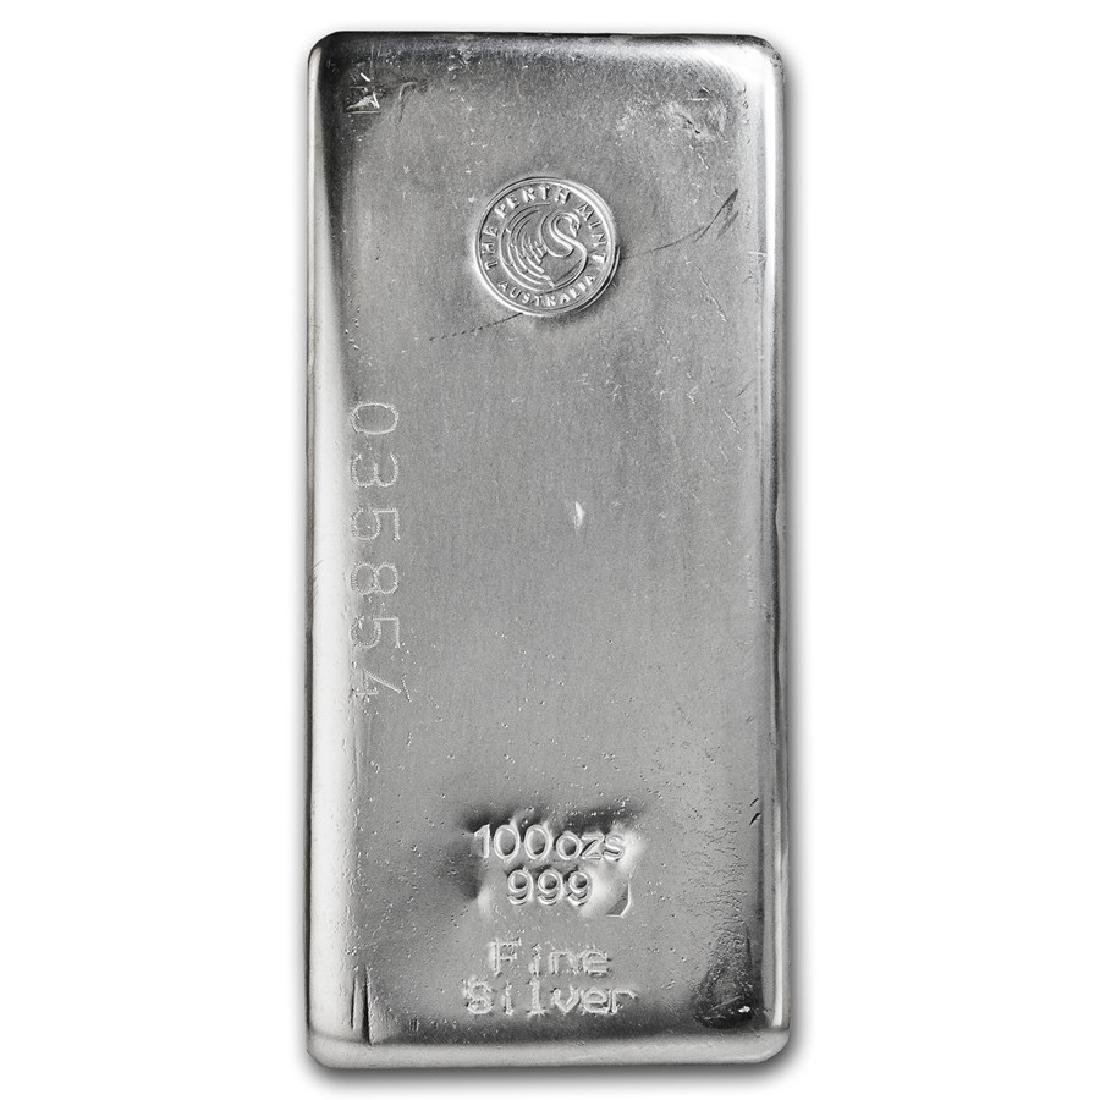 One piece 100 oz 0.999 Fine Silver Bar Perth Mint-82246